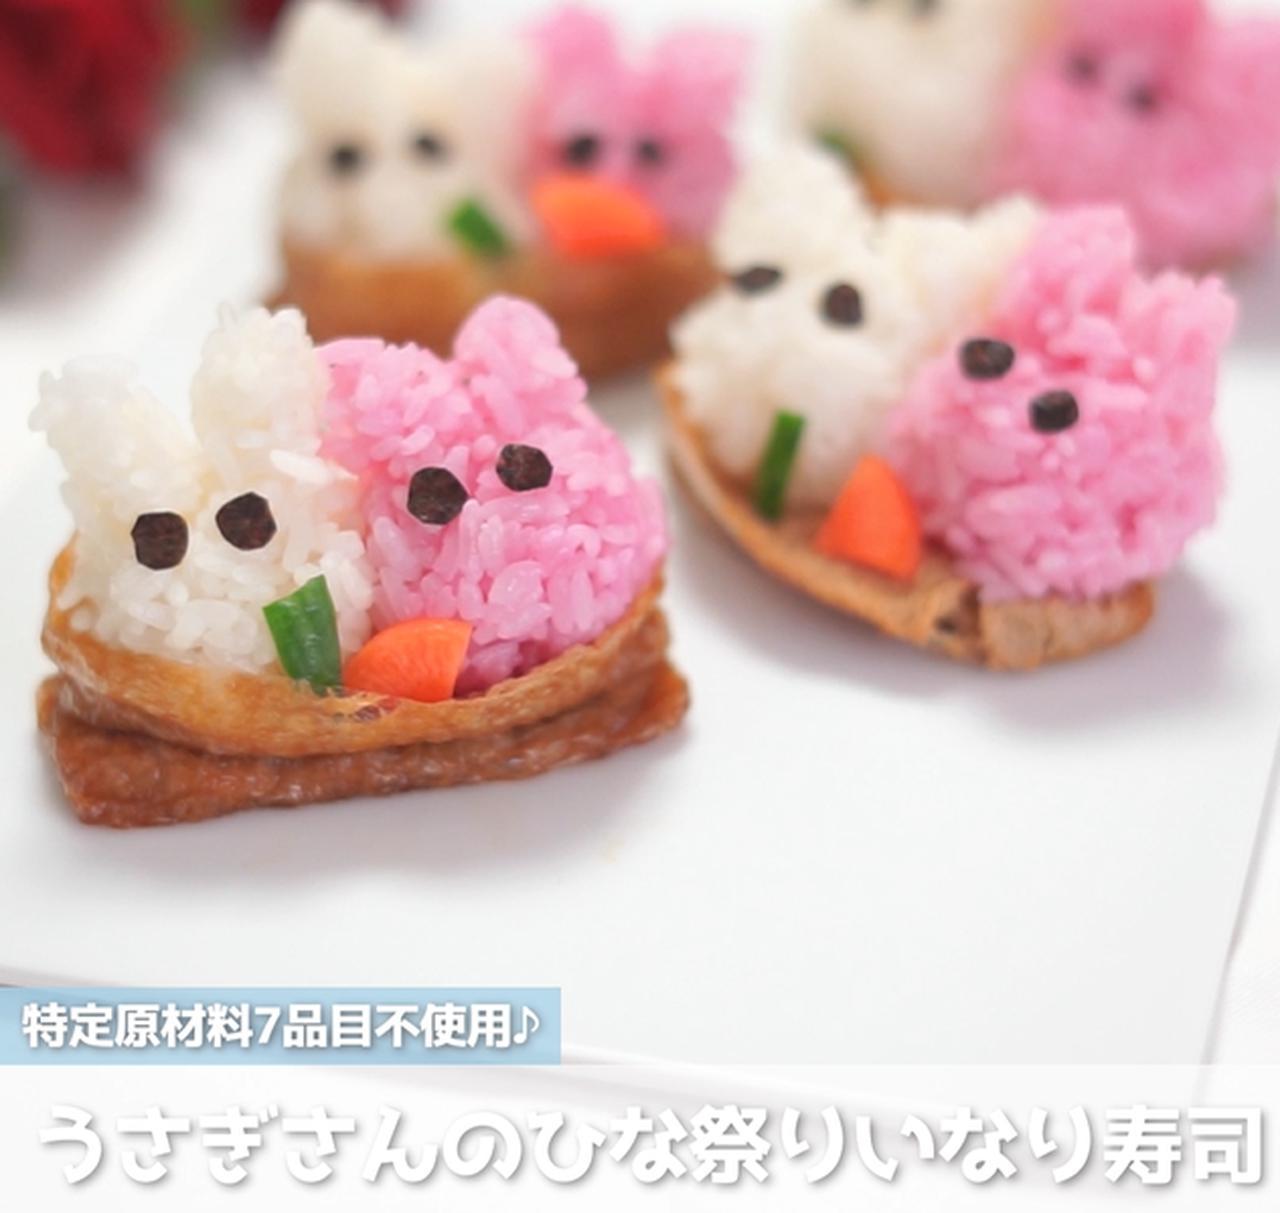 画像: カラフルに仕上げる秘訣は、あの食材にありました。 お祝い感が止まらない‼ウサギさんのひな祭りいなり寿司 - 君とごはん